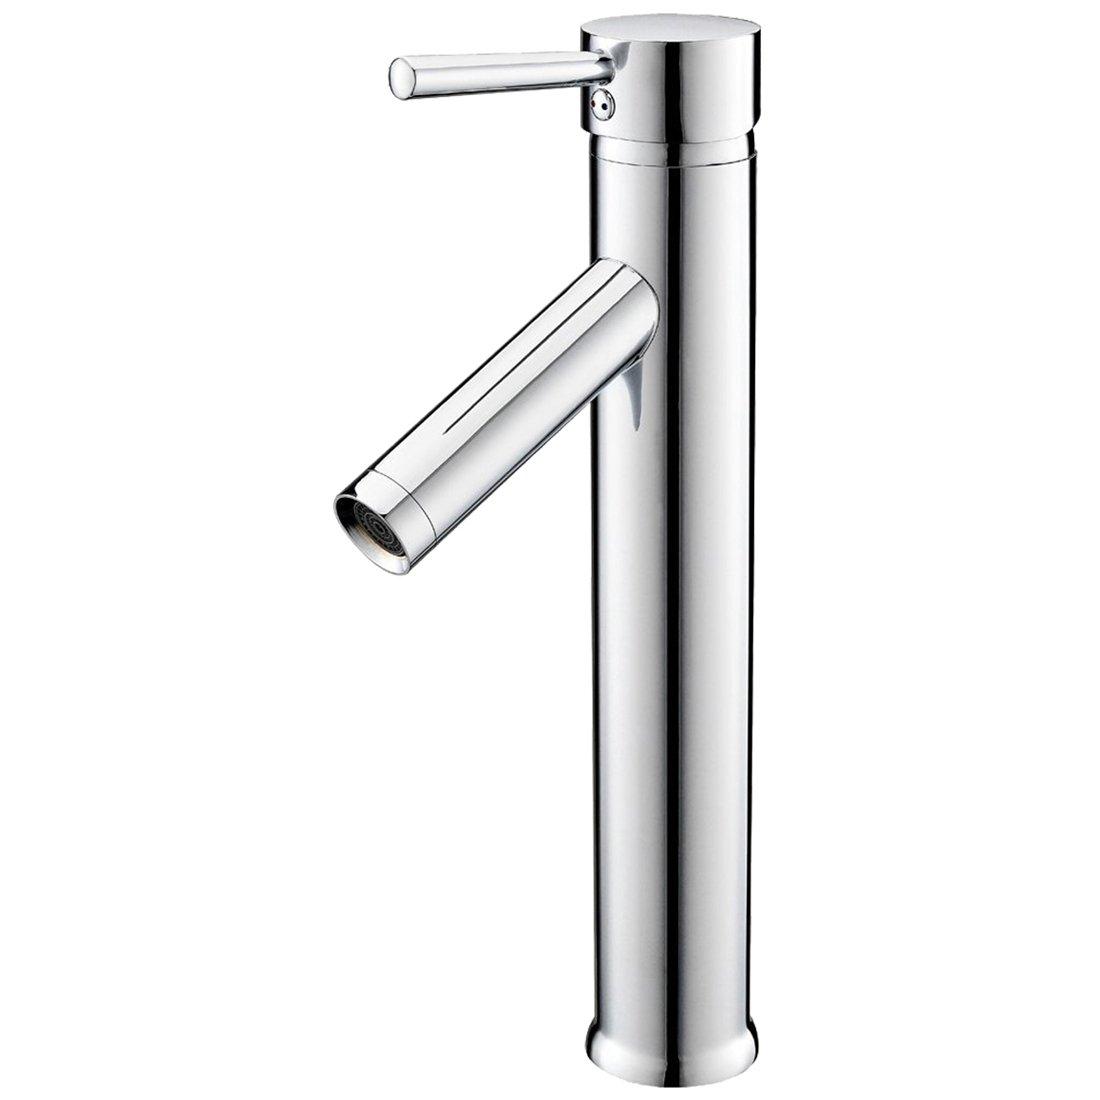 Design nouveau Mitigeur lavabo bec rehausse salle de bain Mitigeur lavabo TOOGOO R